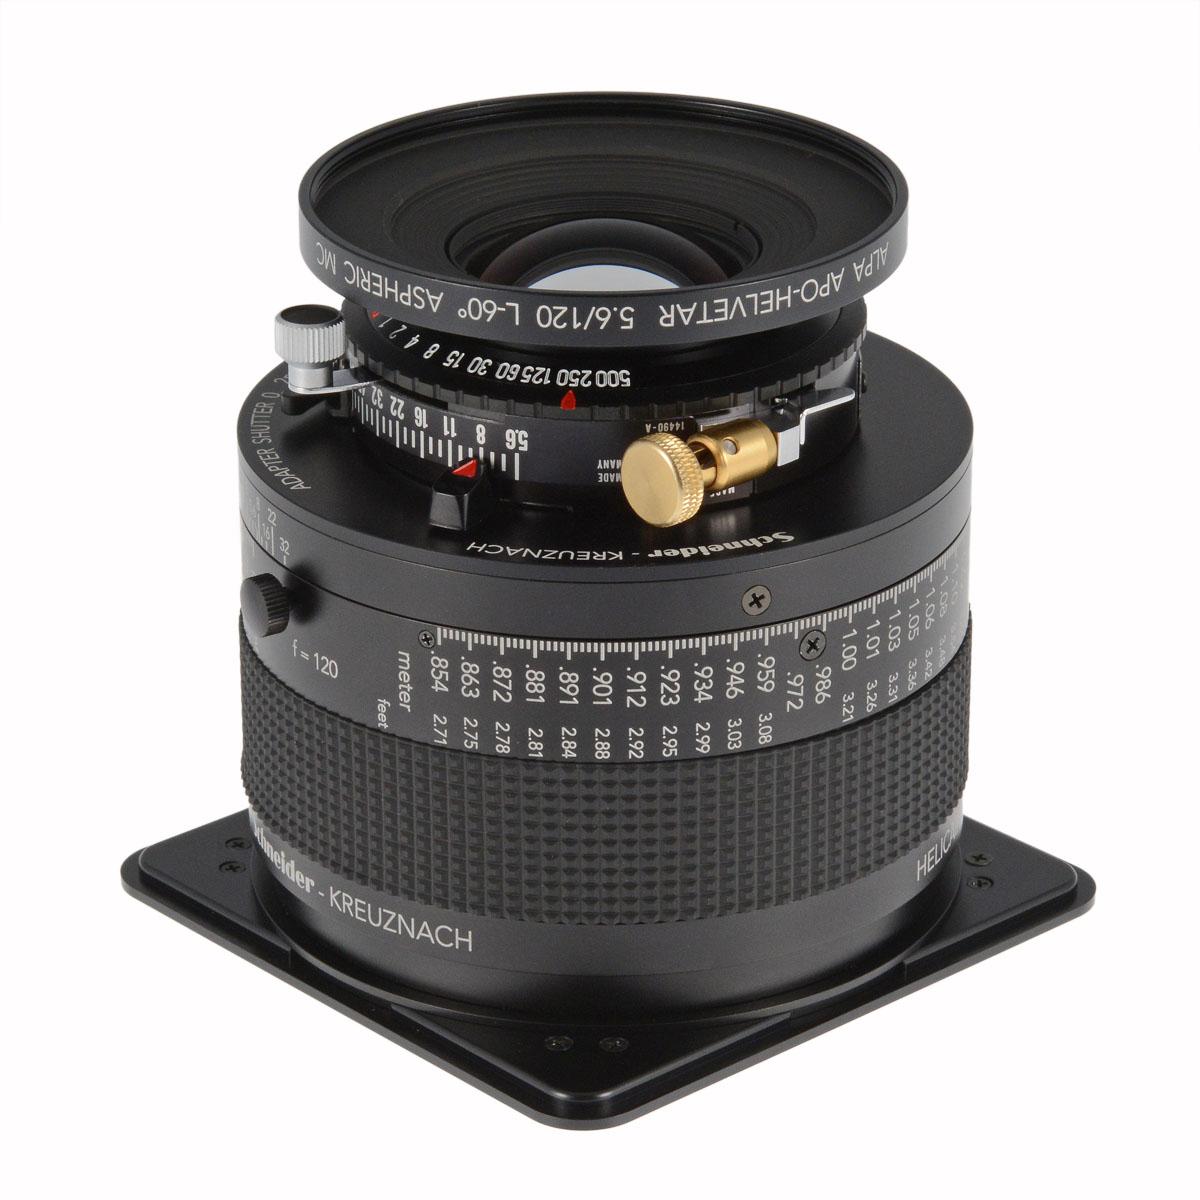 ALPA Apo Helvetar 5.6/120 mm